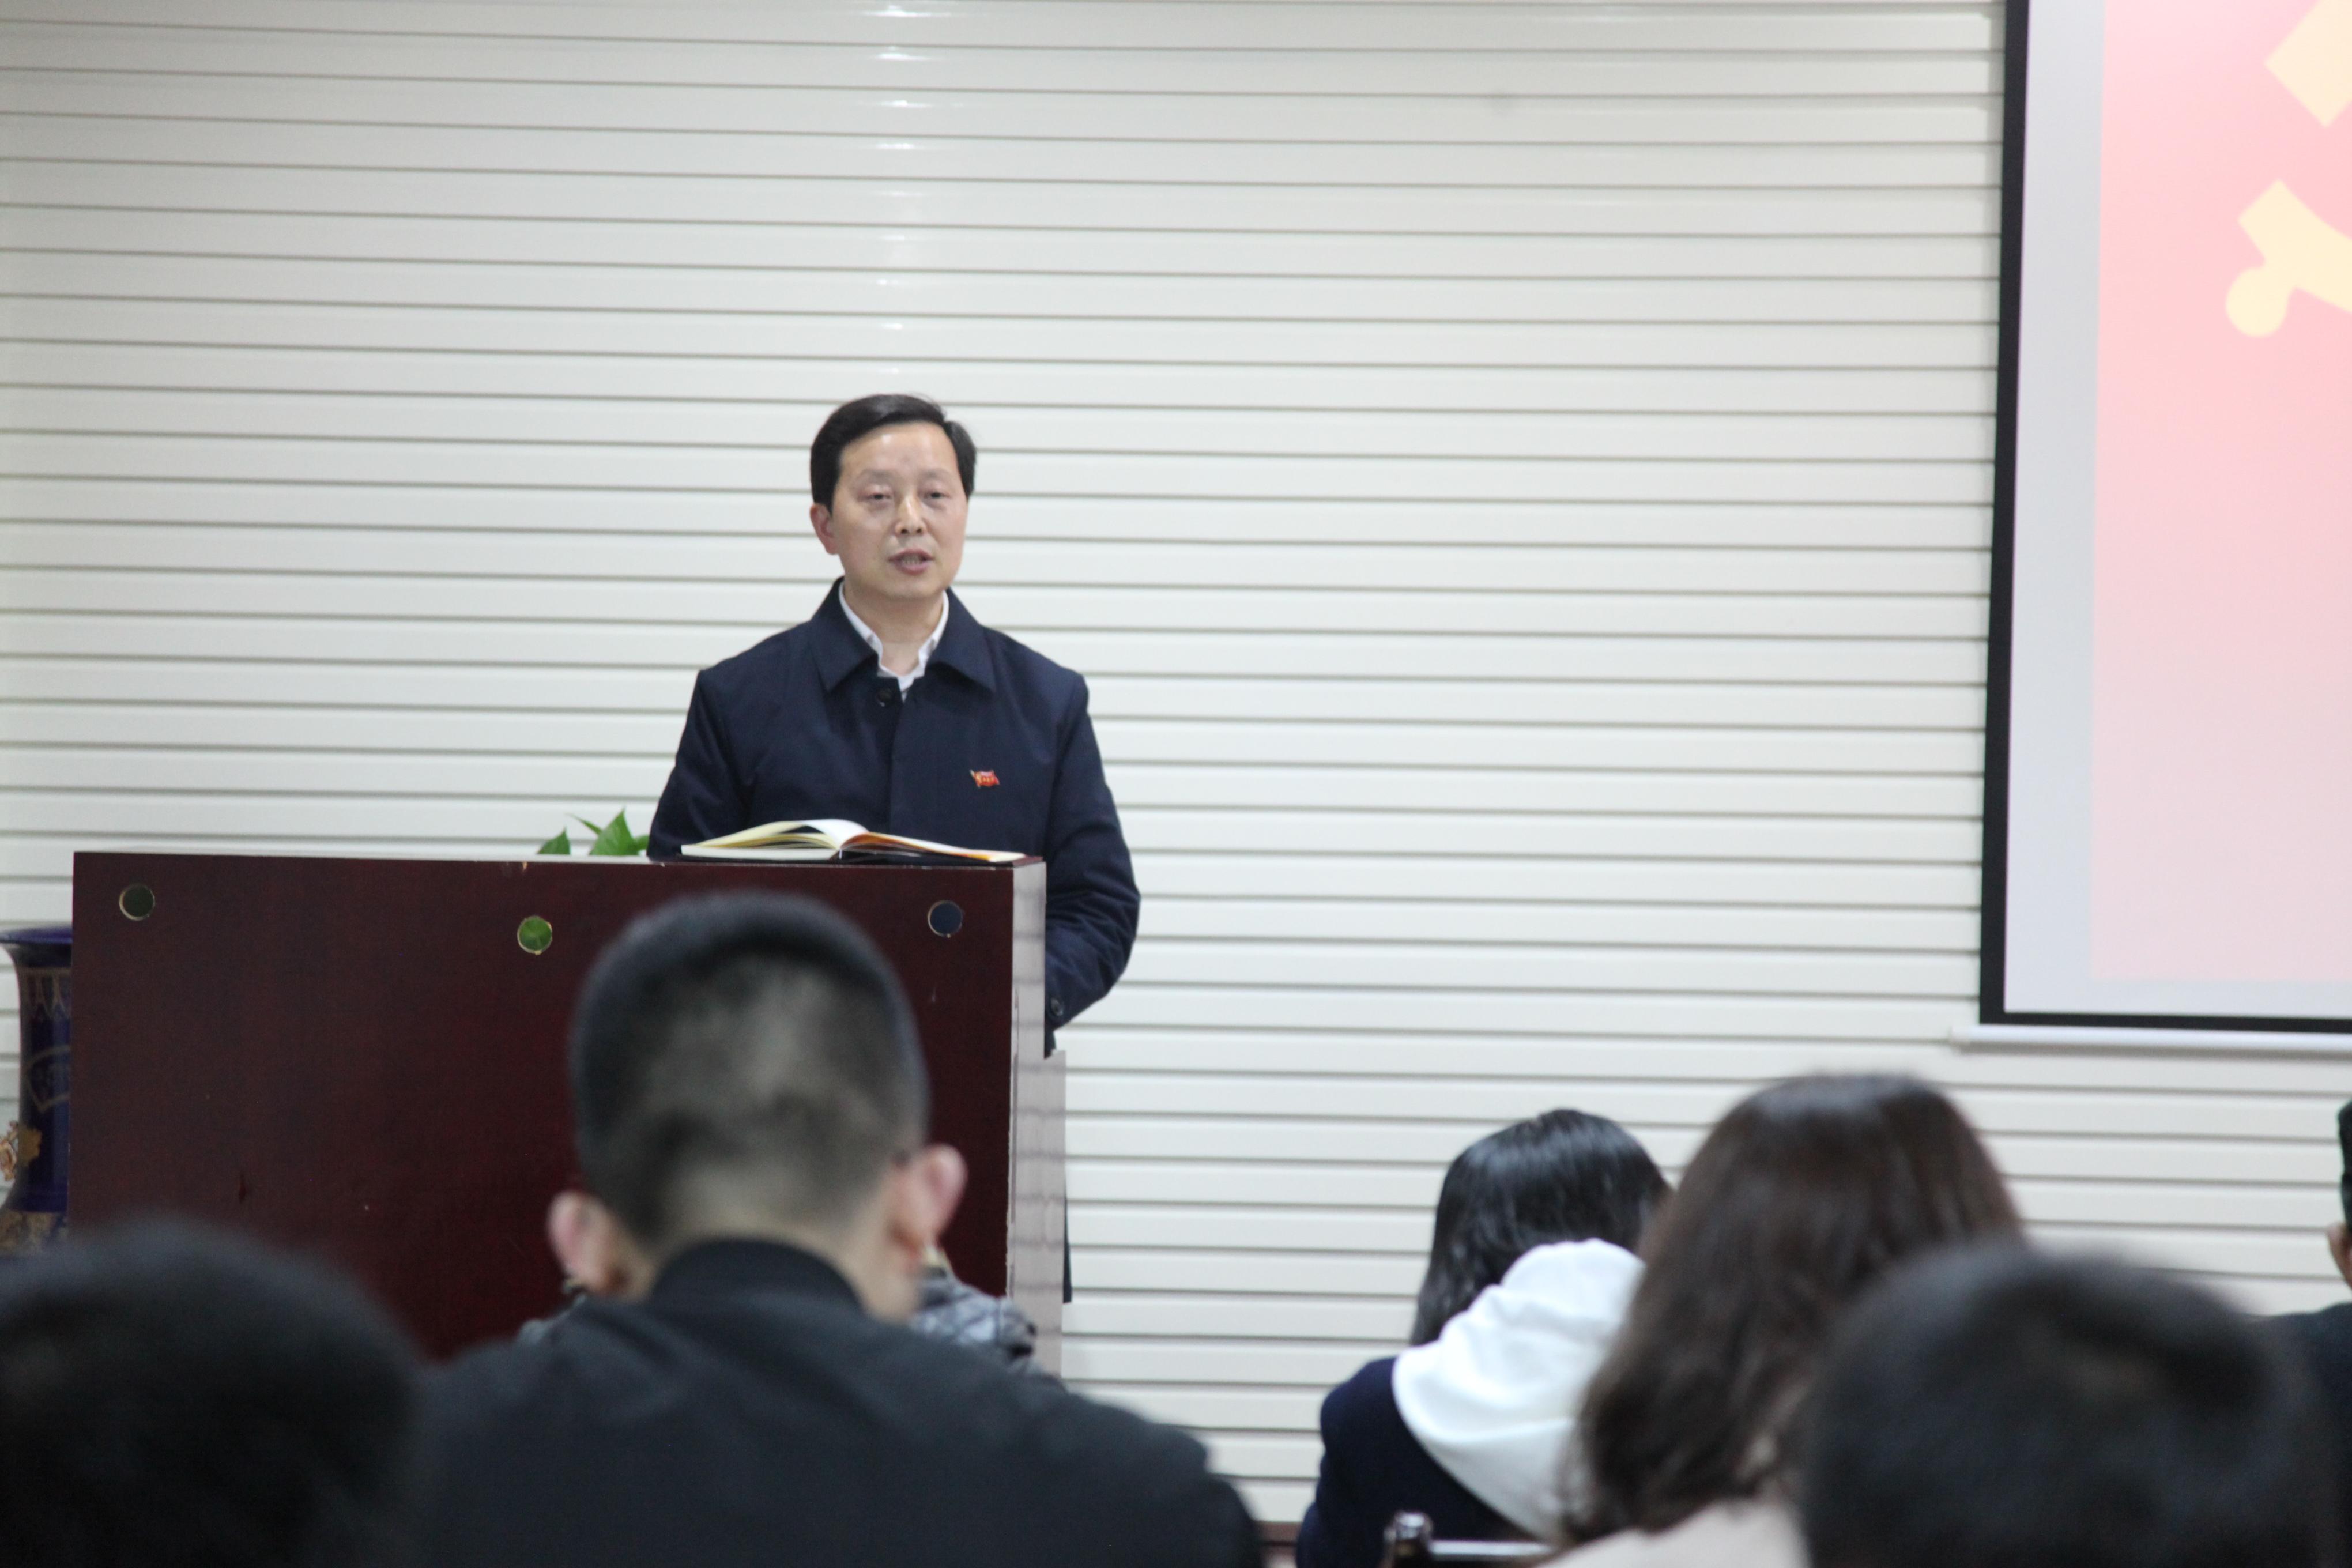 天寿党委召开2019年第一季度党员大会